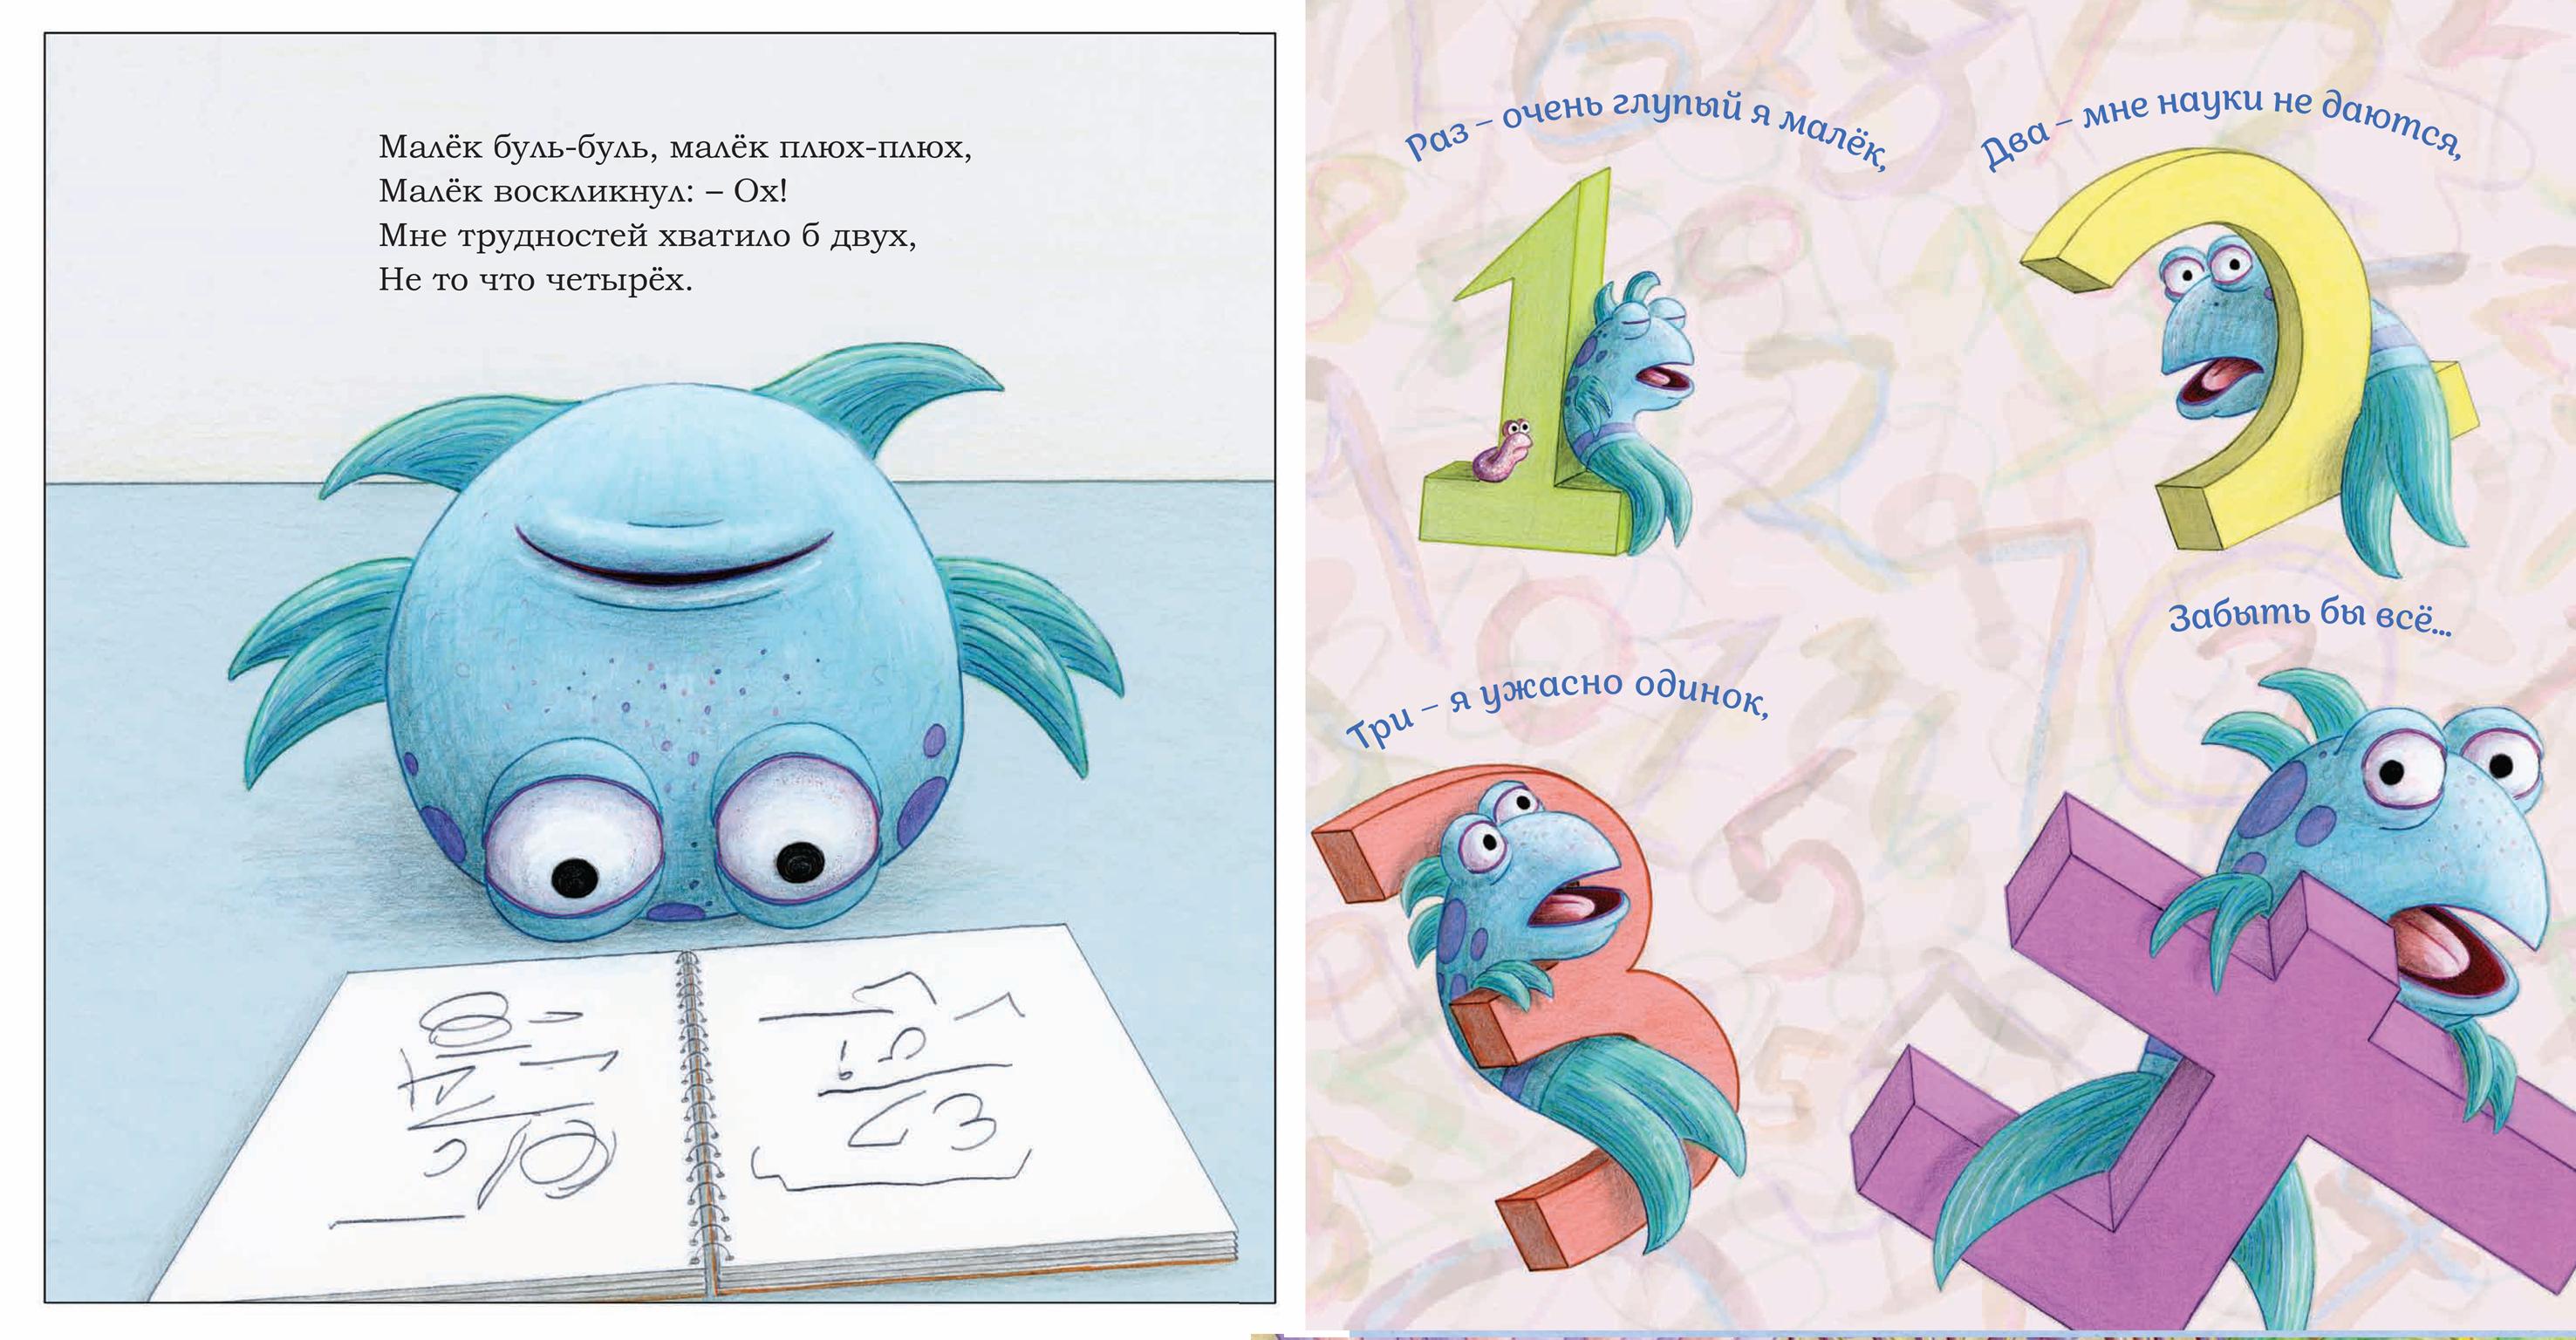 иллюстрации из книги рыбка унывака идет в школу